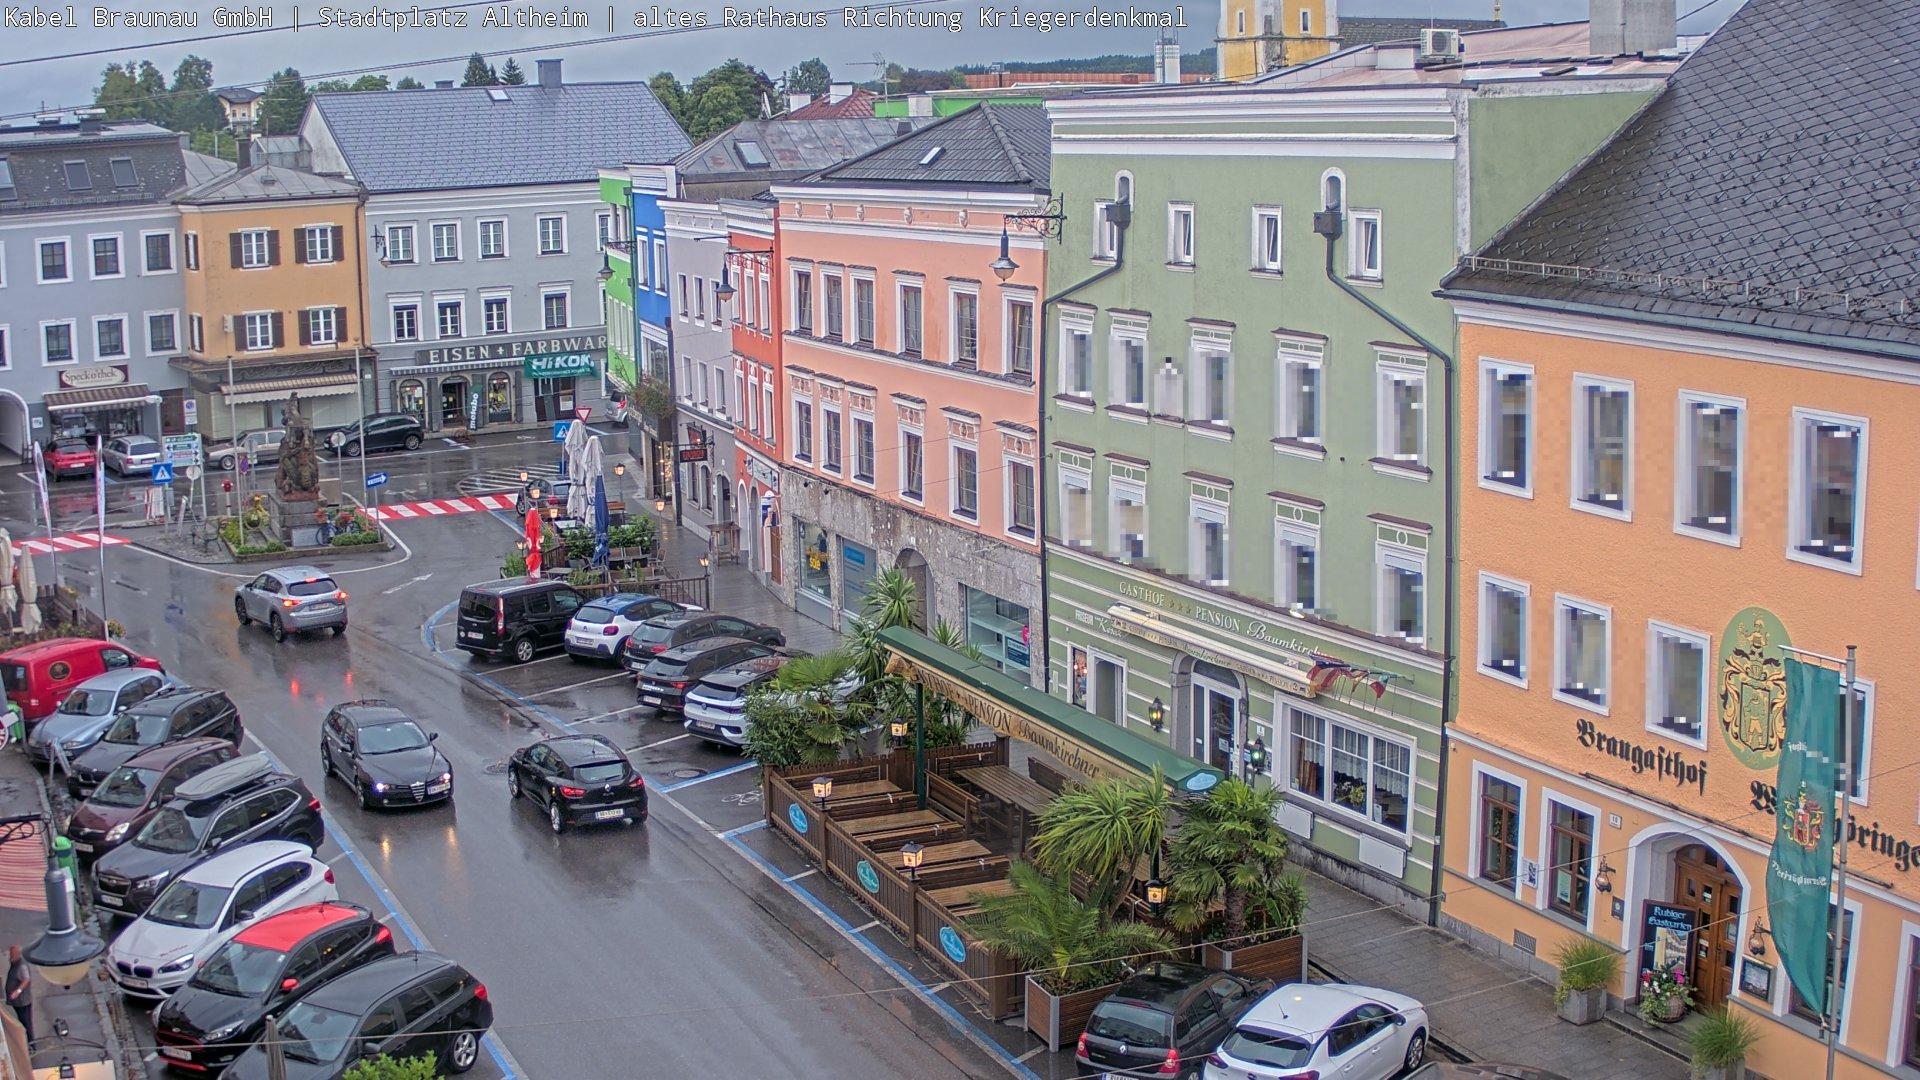 Statdtplatz von Altheim